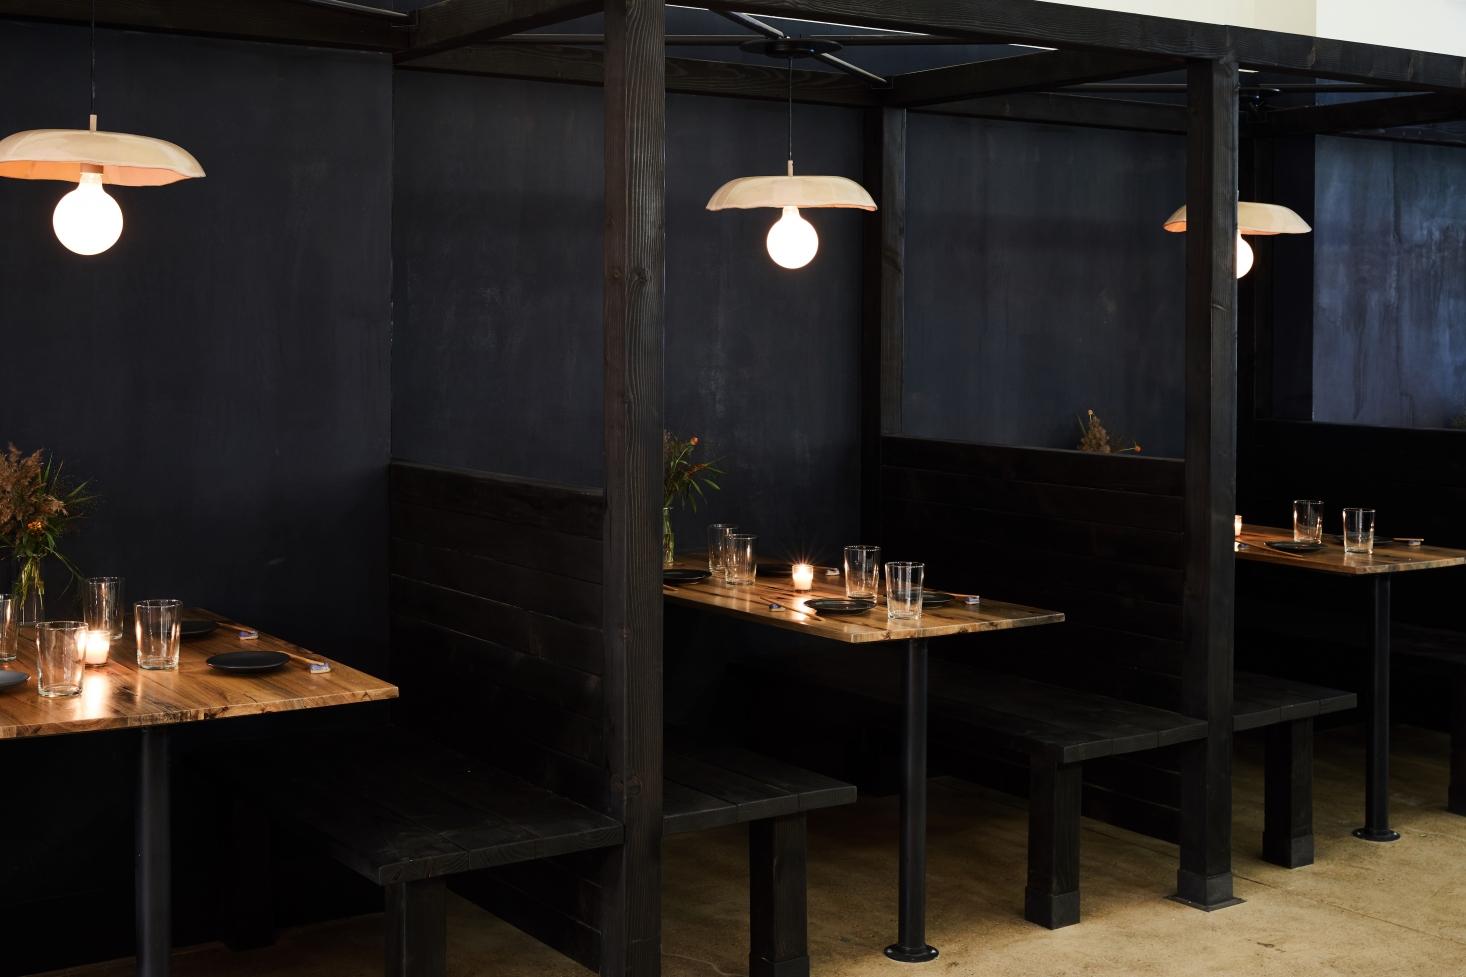 Intérieur de restaurant en bois brûlé